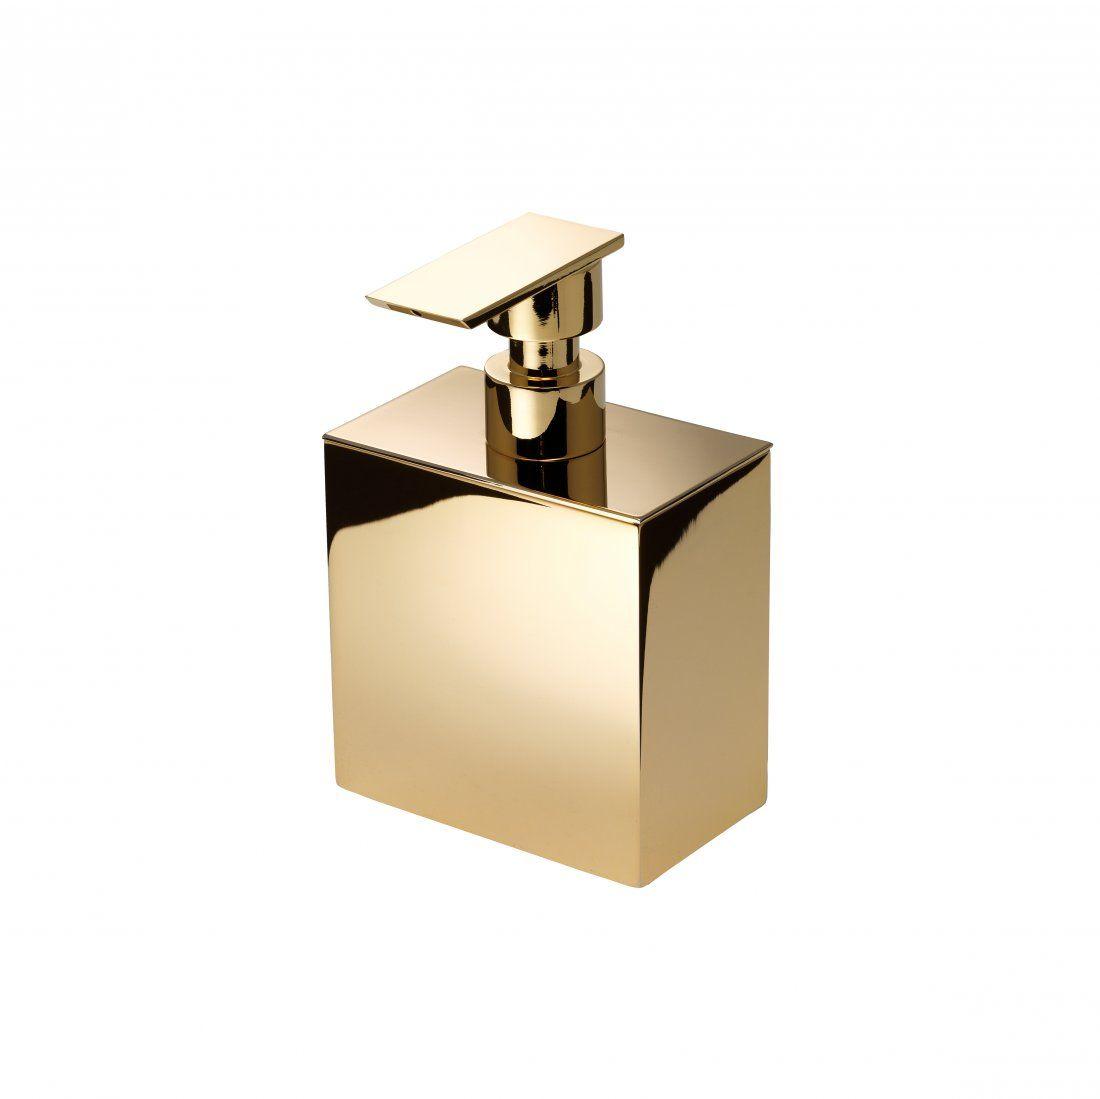 Klomfar Klomfar Big Spender Soap Dispenser Gilded Brass Seifenspender Badezimmer Einrichtung Und Messing